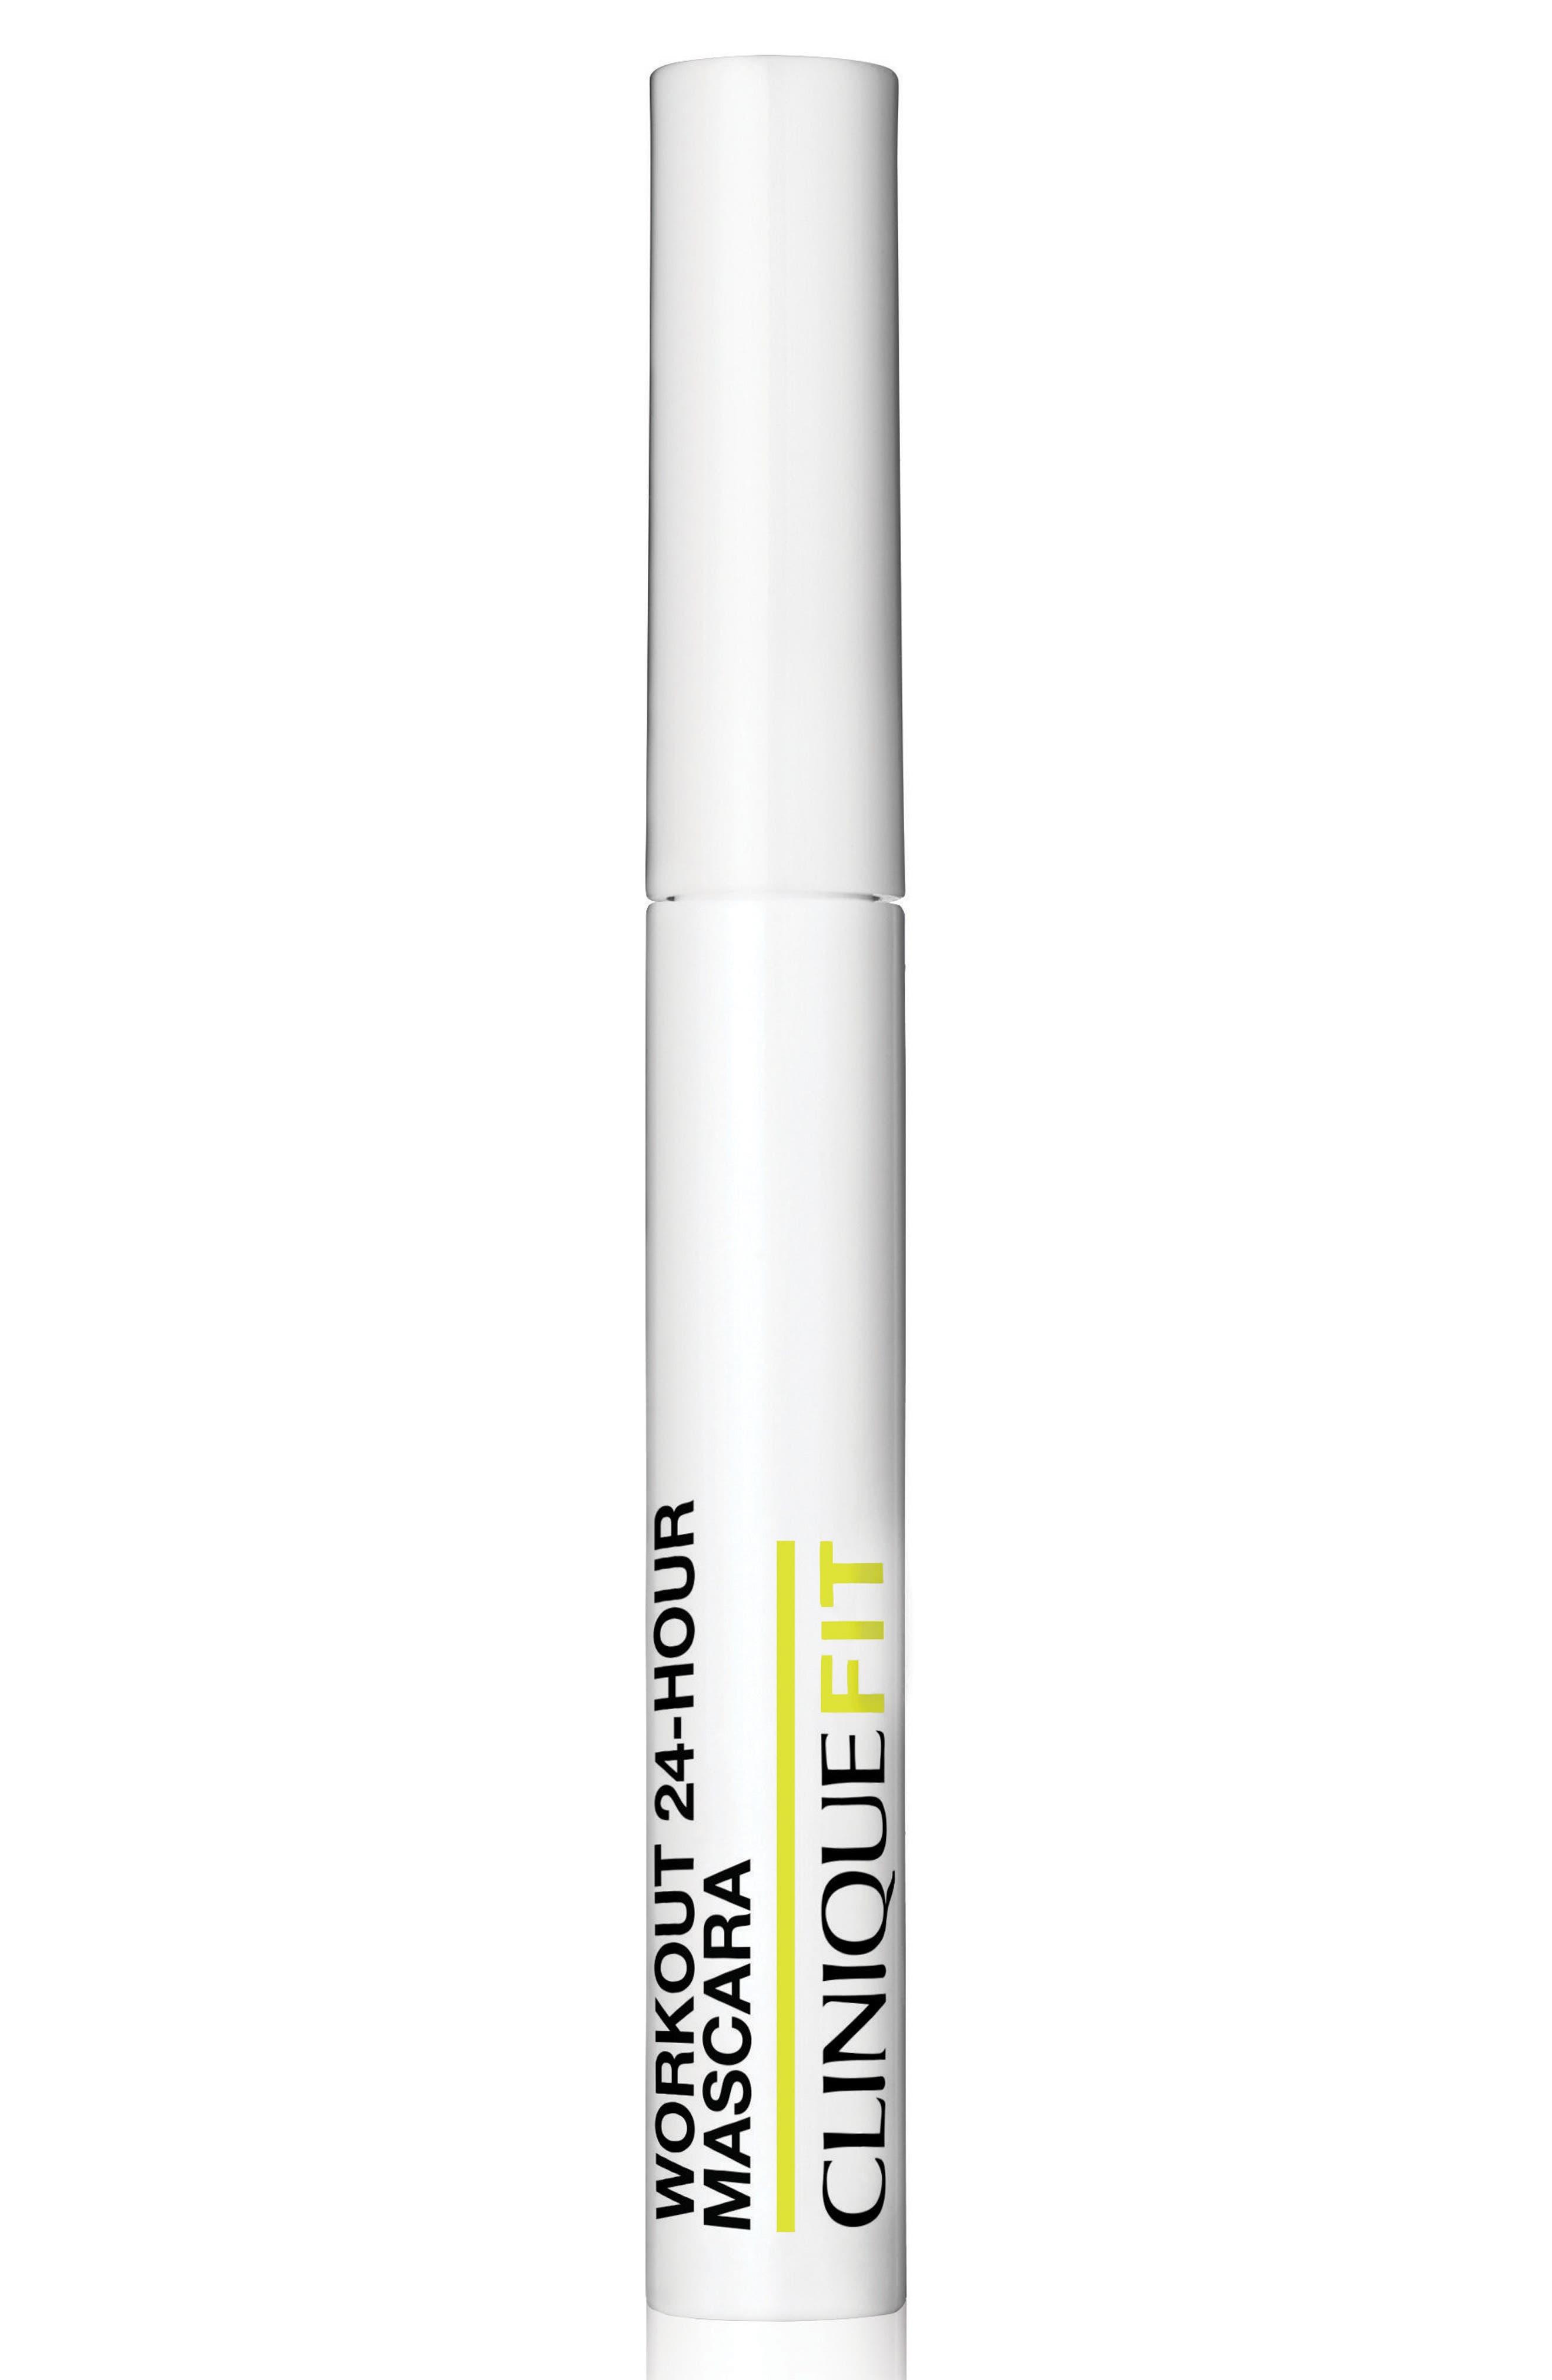 CliniqueFIT Workout 24-Hour Mascara,                             Alternate thumbnail 2, color,                             NO COLOR